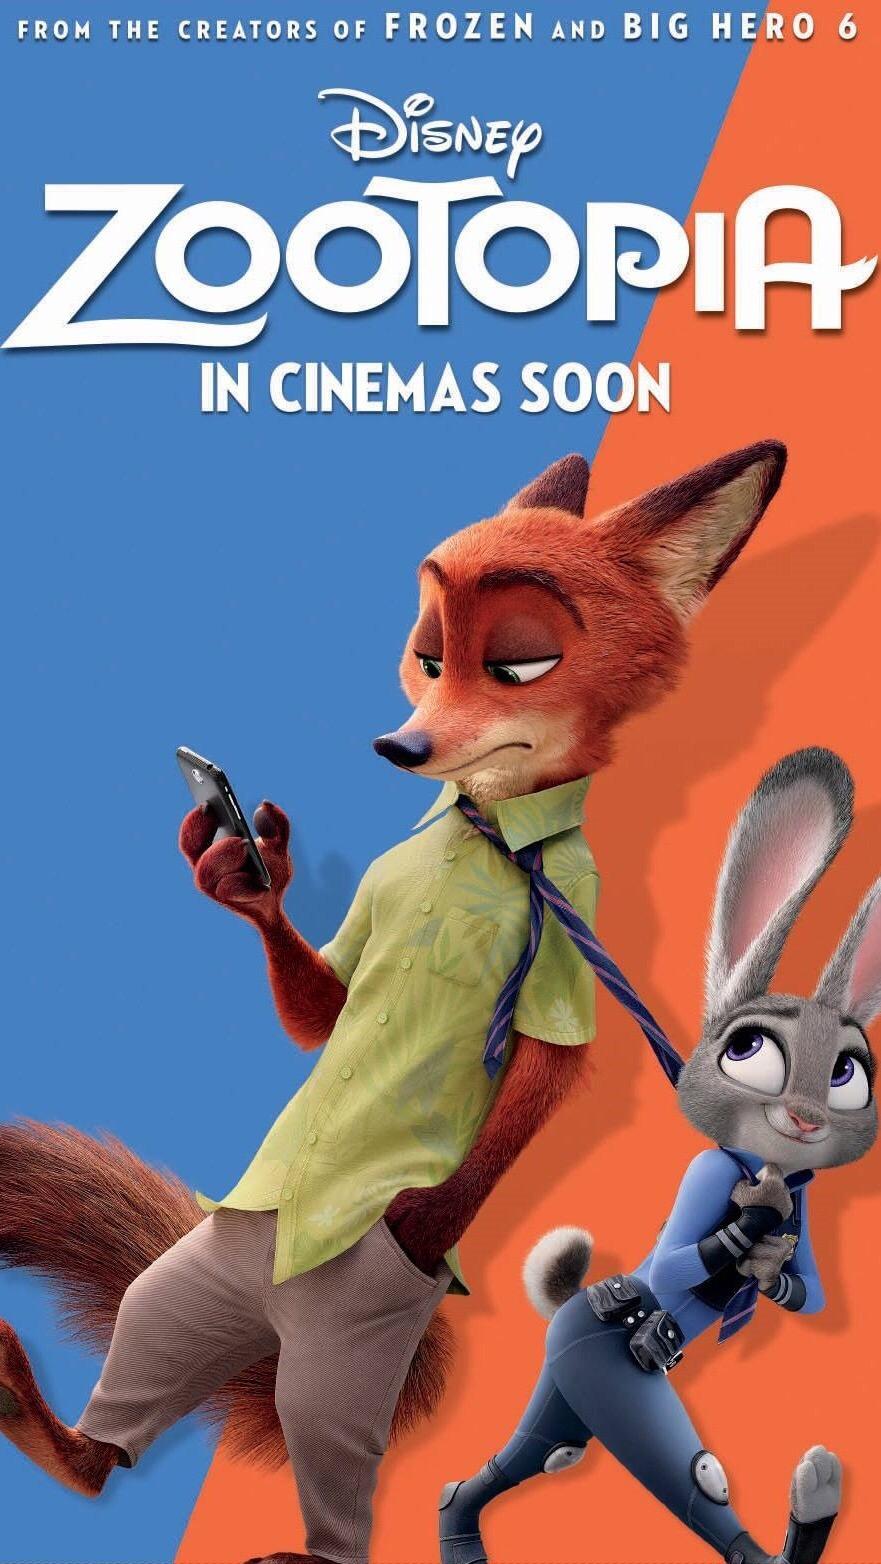 zootopia – 《疯狂动物城》电影海报